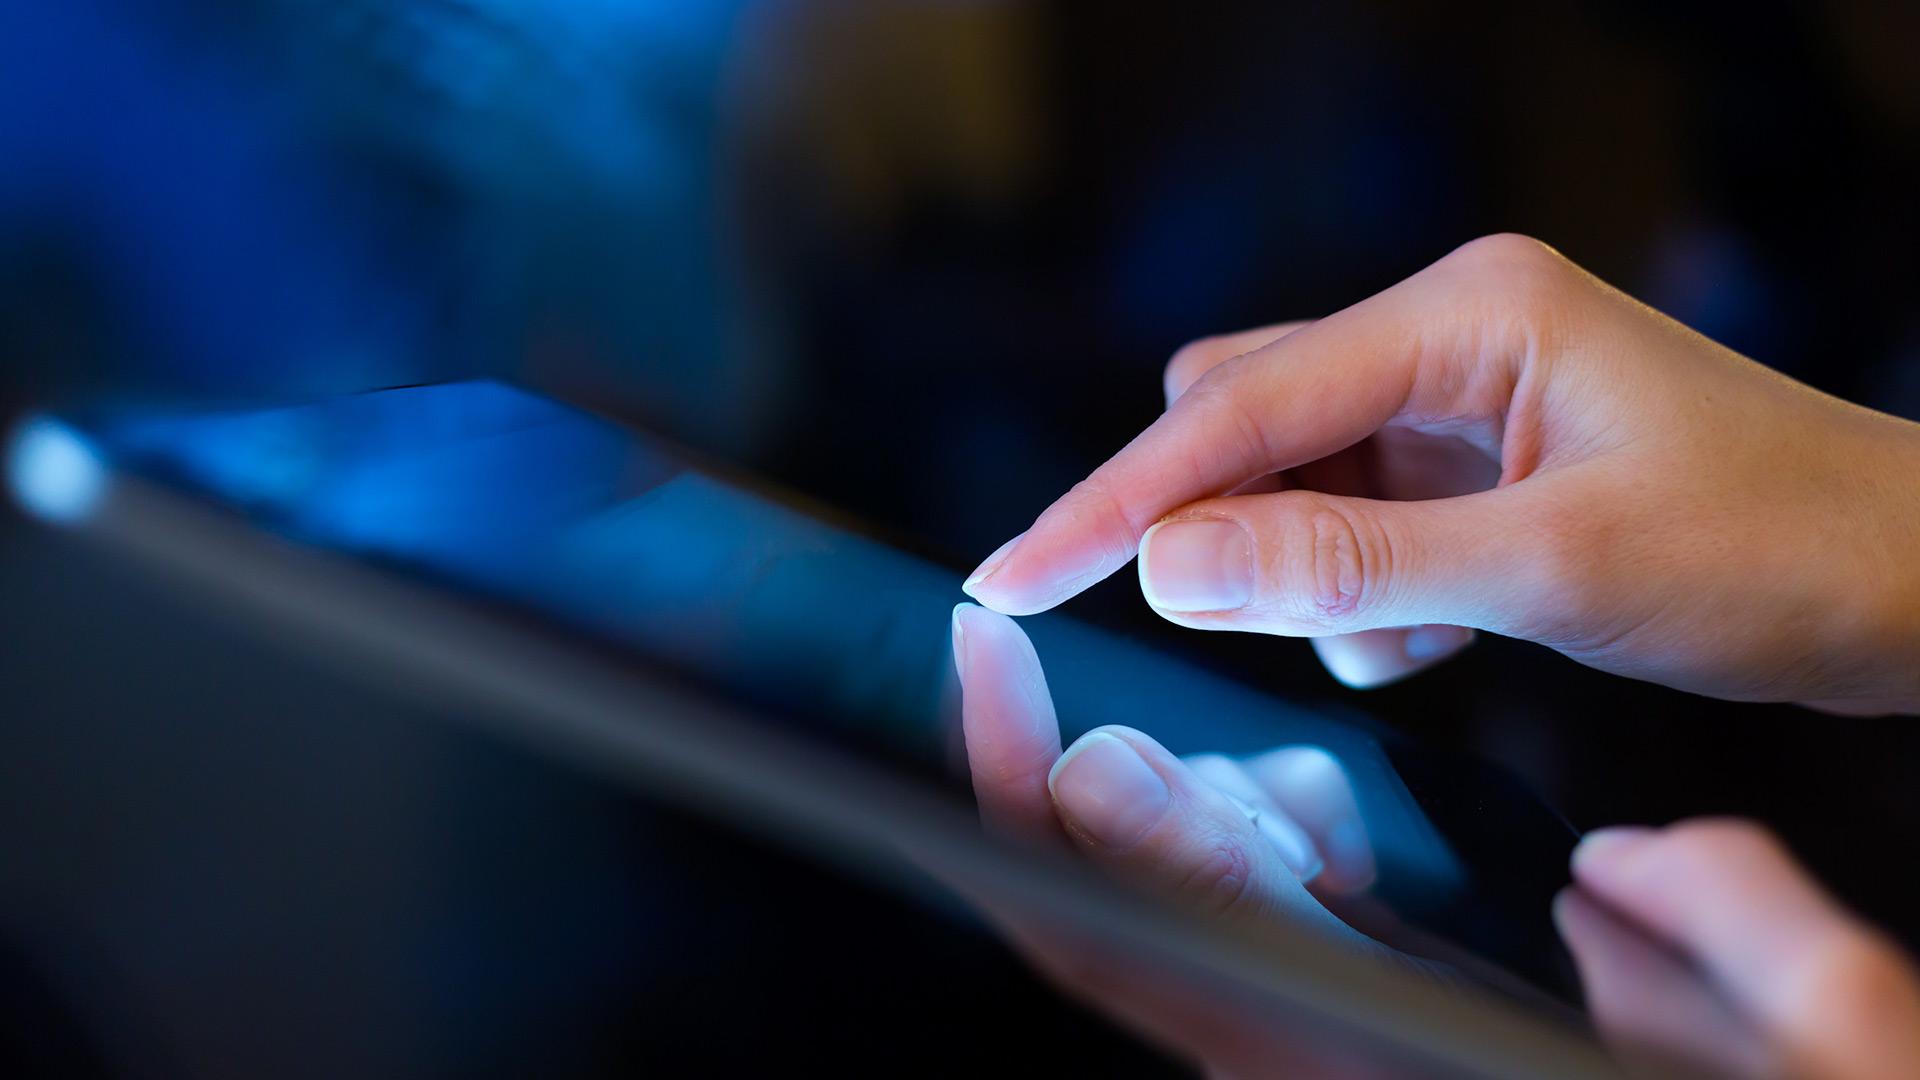 Gros plan sur une main qui défile sur une tablette